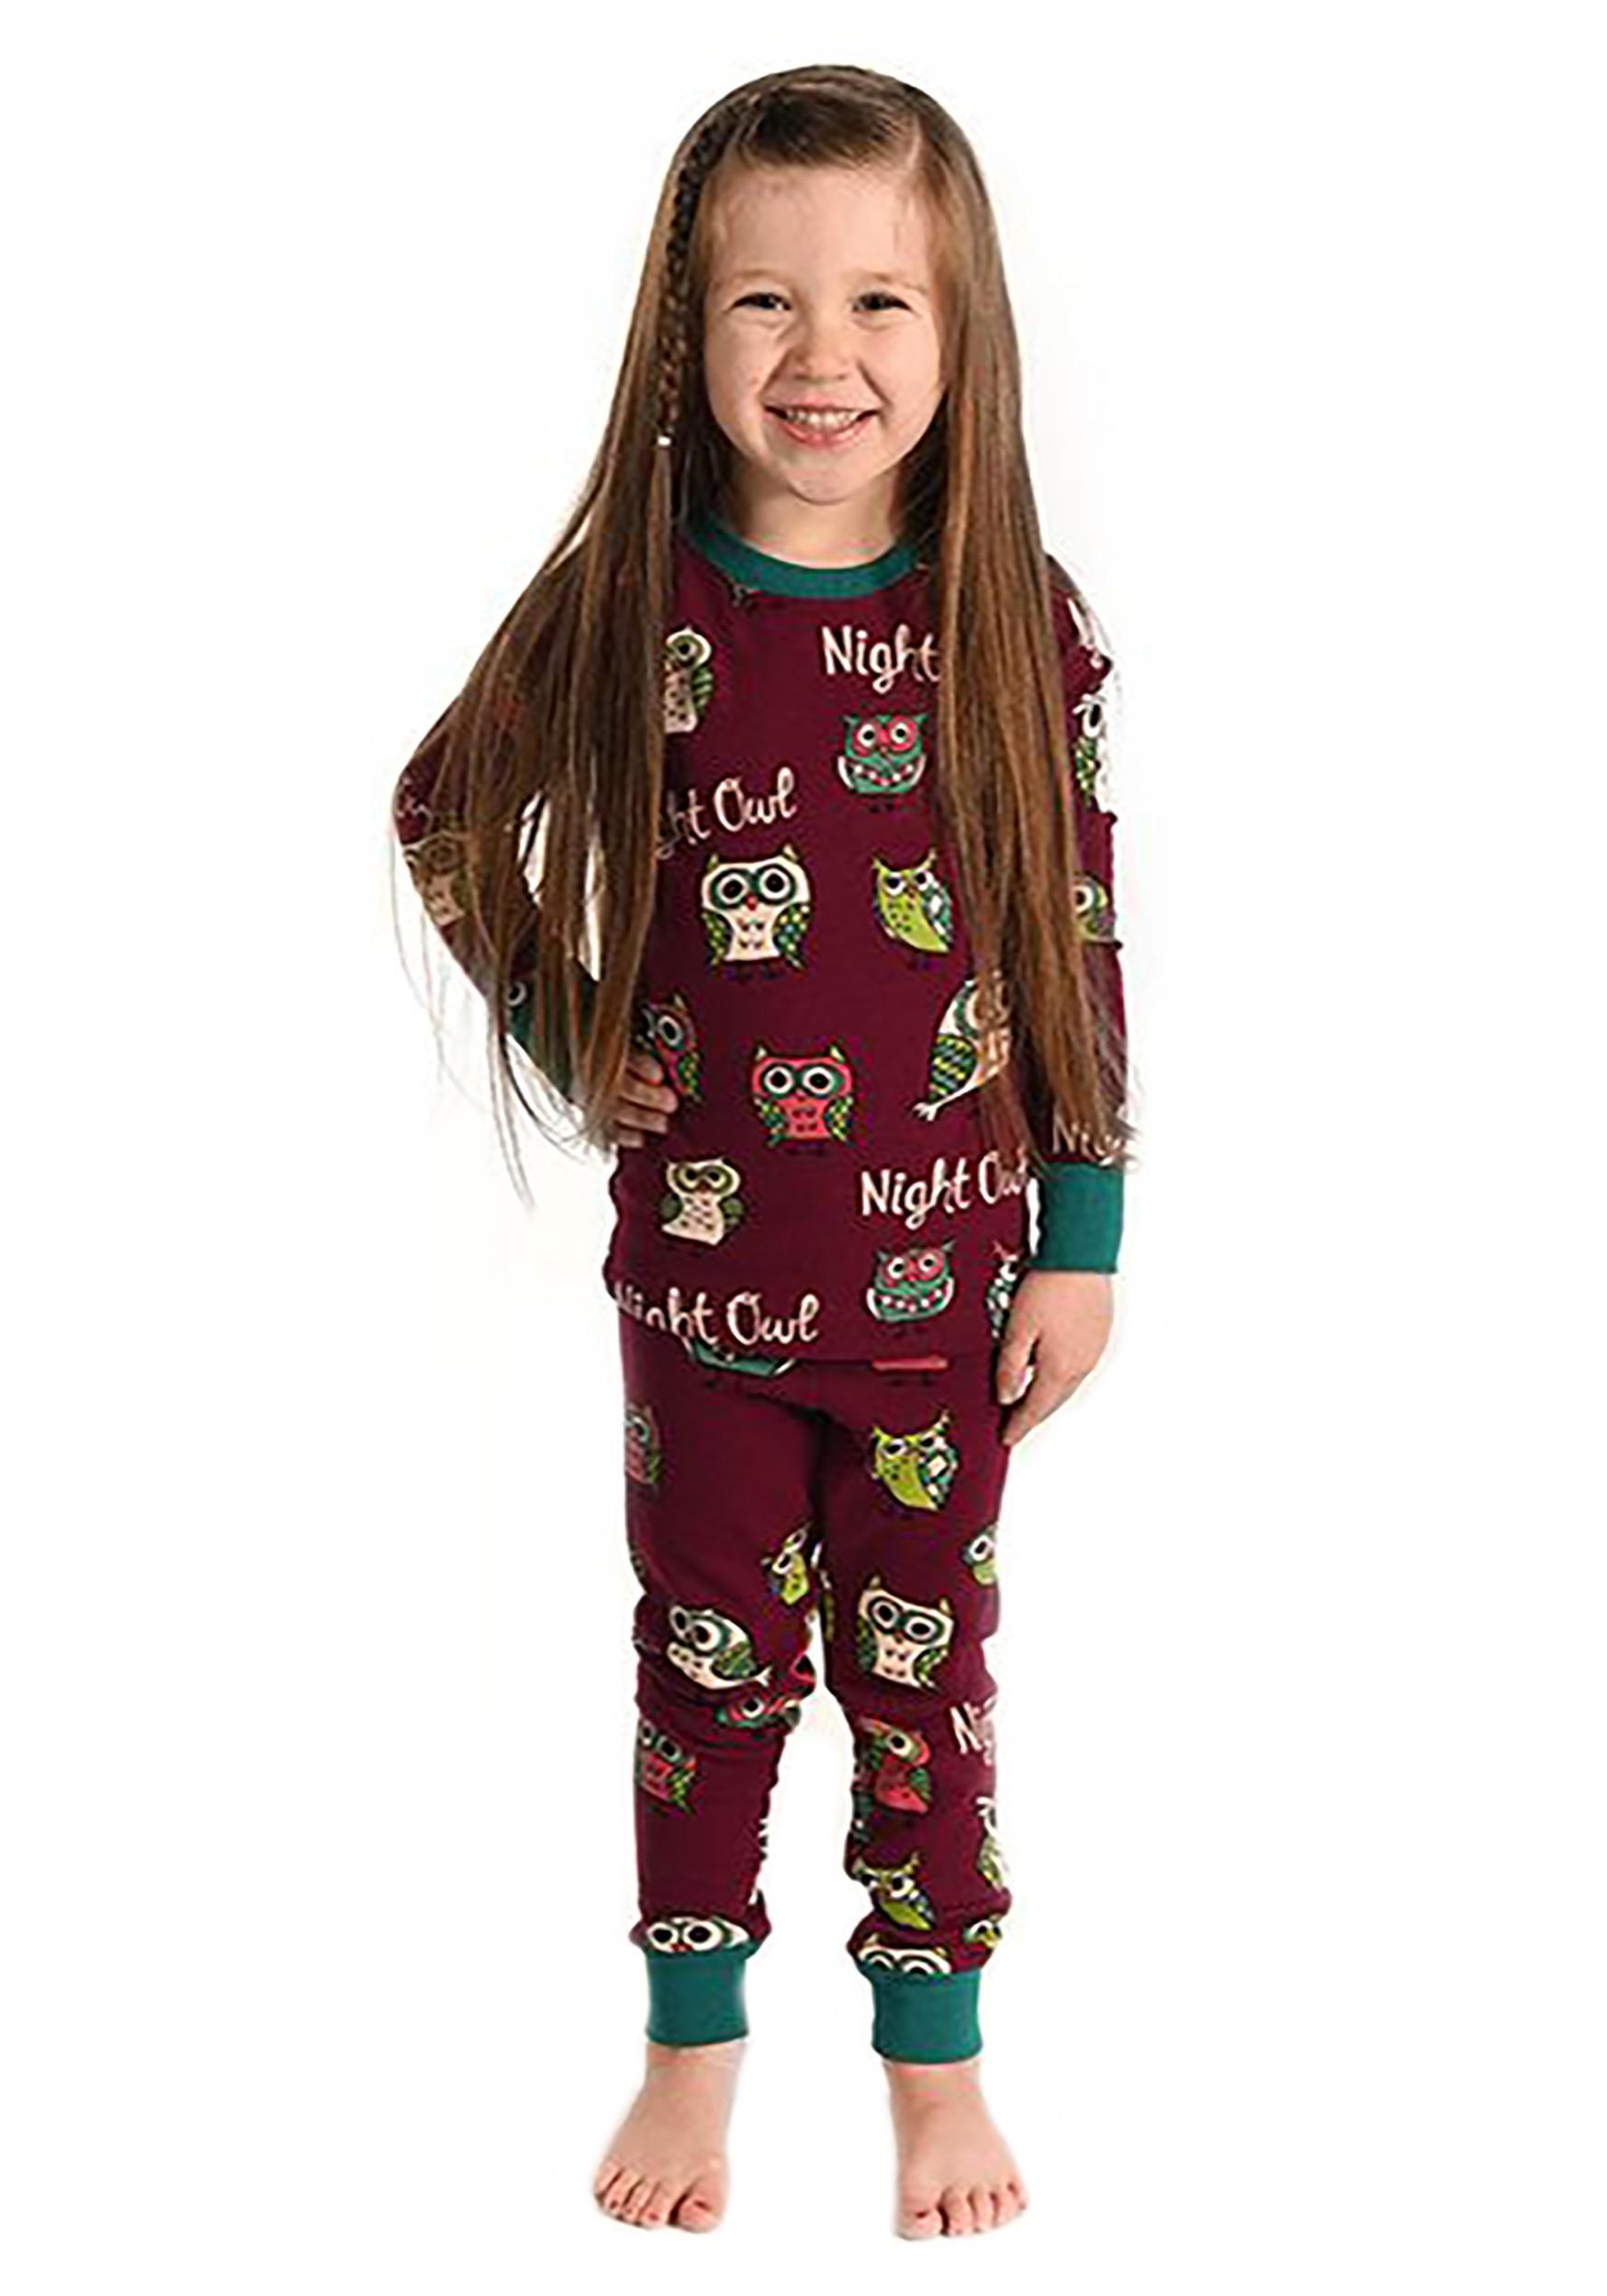 Night Owl Long Sleeve Kids Pajama Set